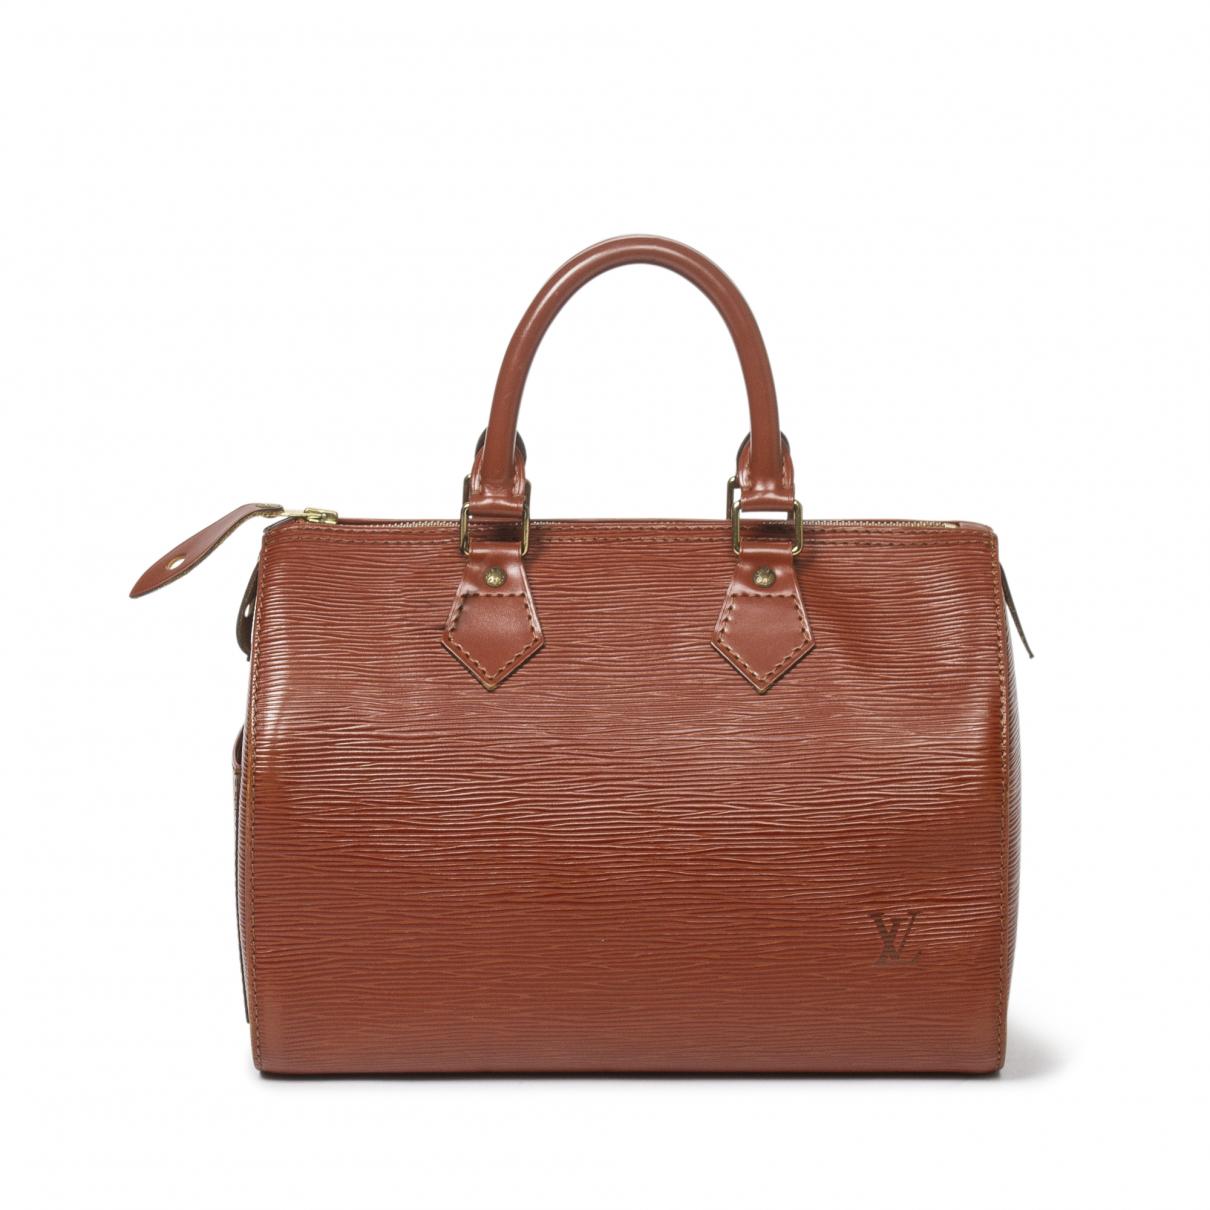 Louis Vuitton Speedy Handtasche in  Khaki Leder